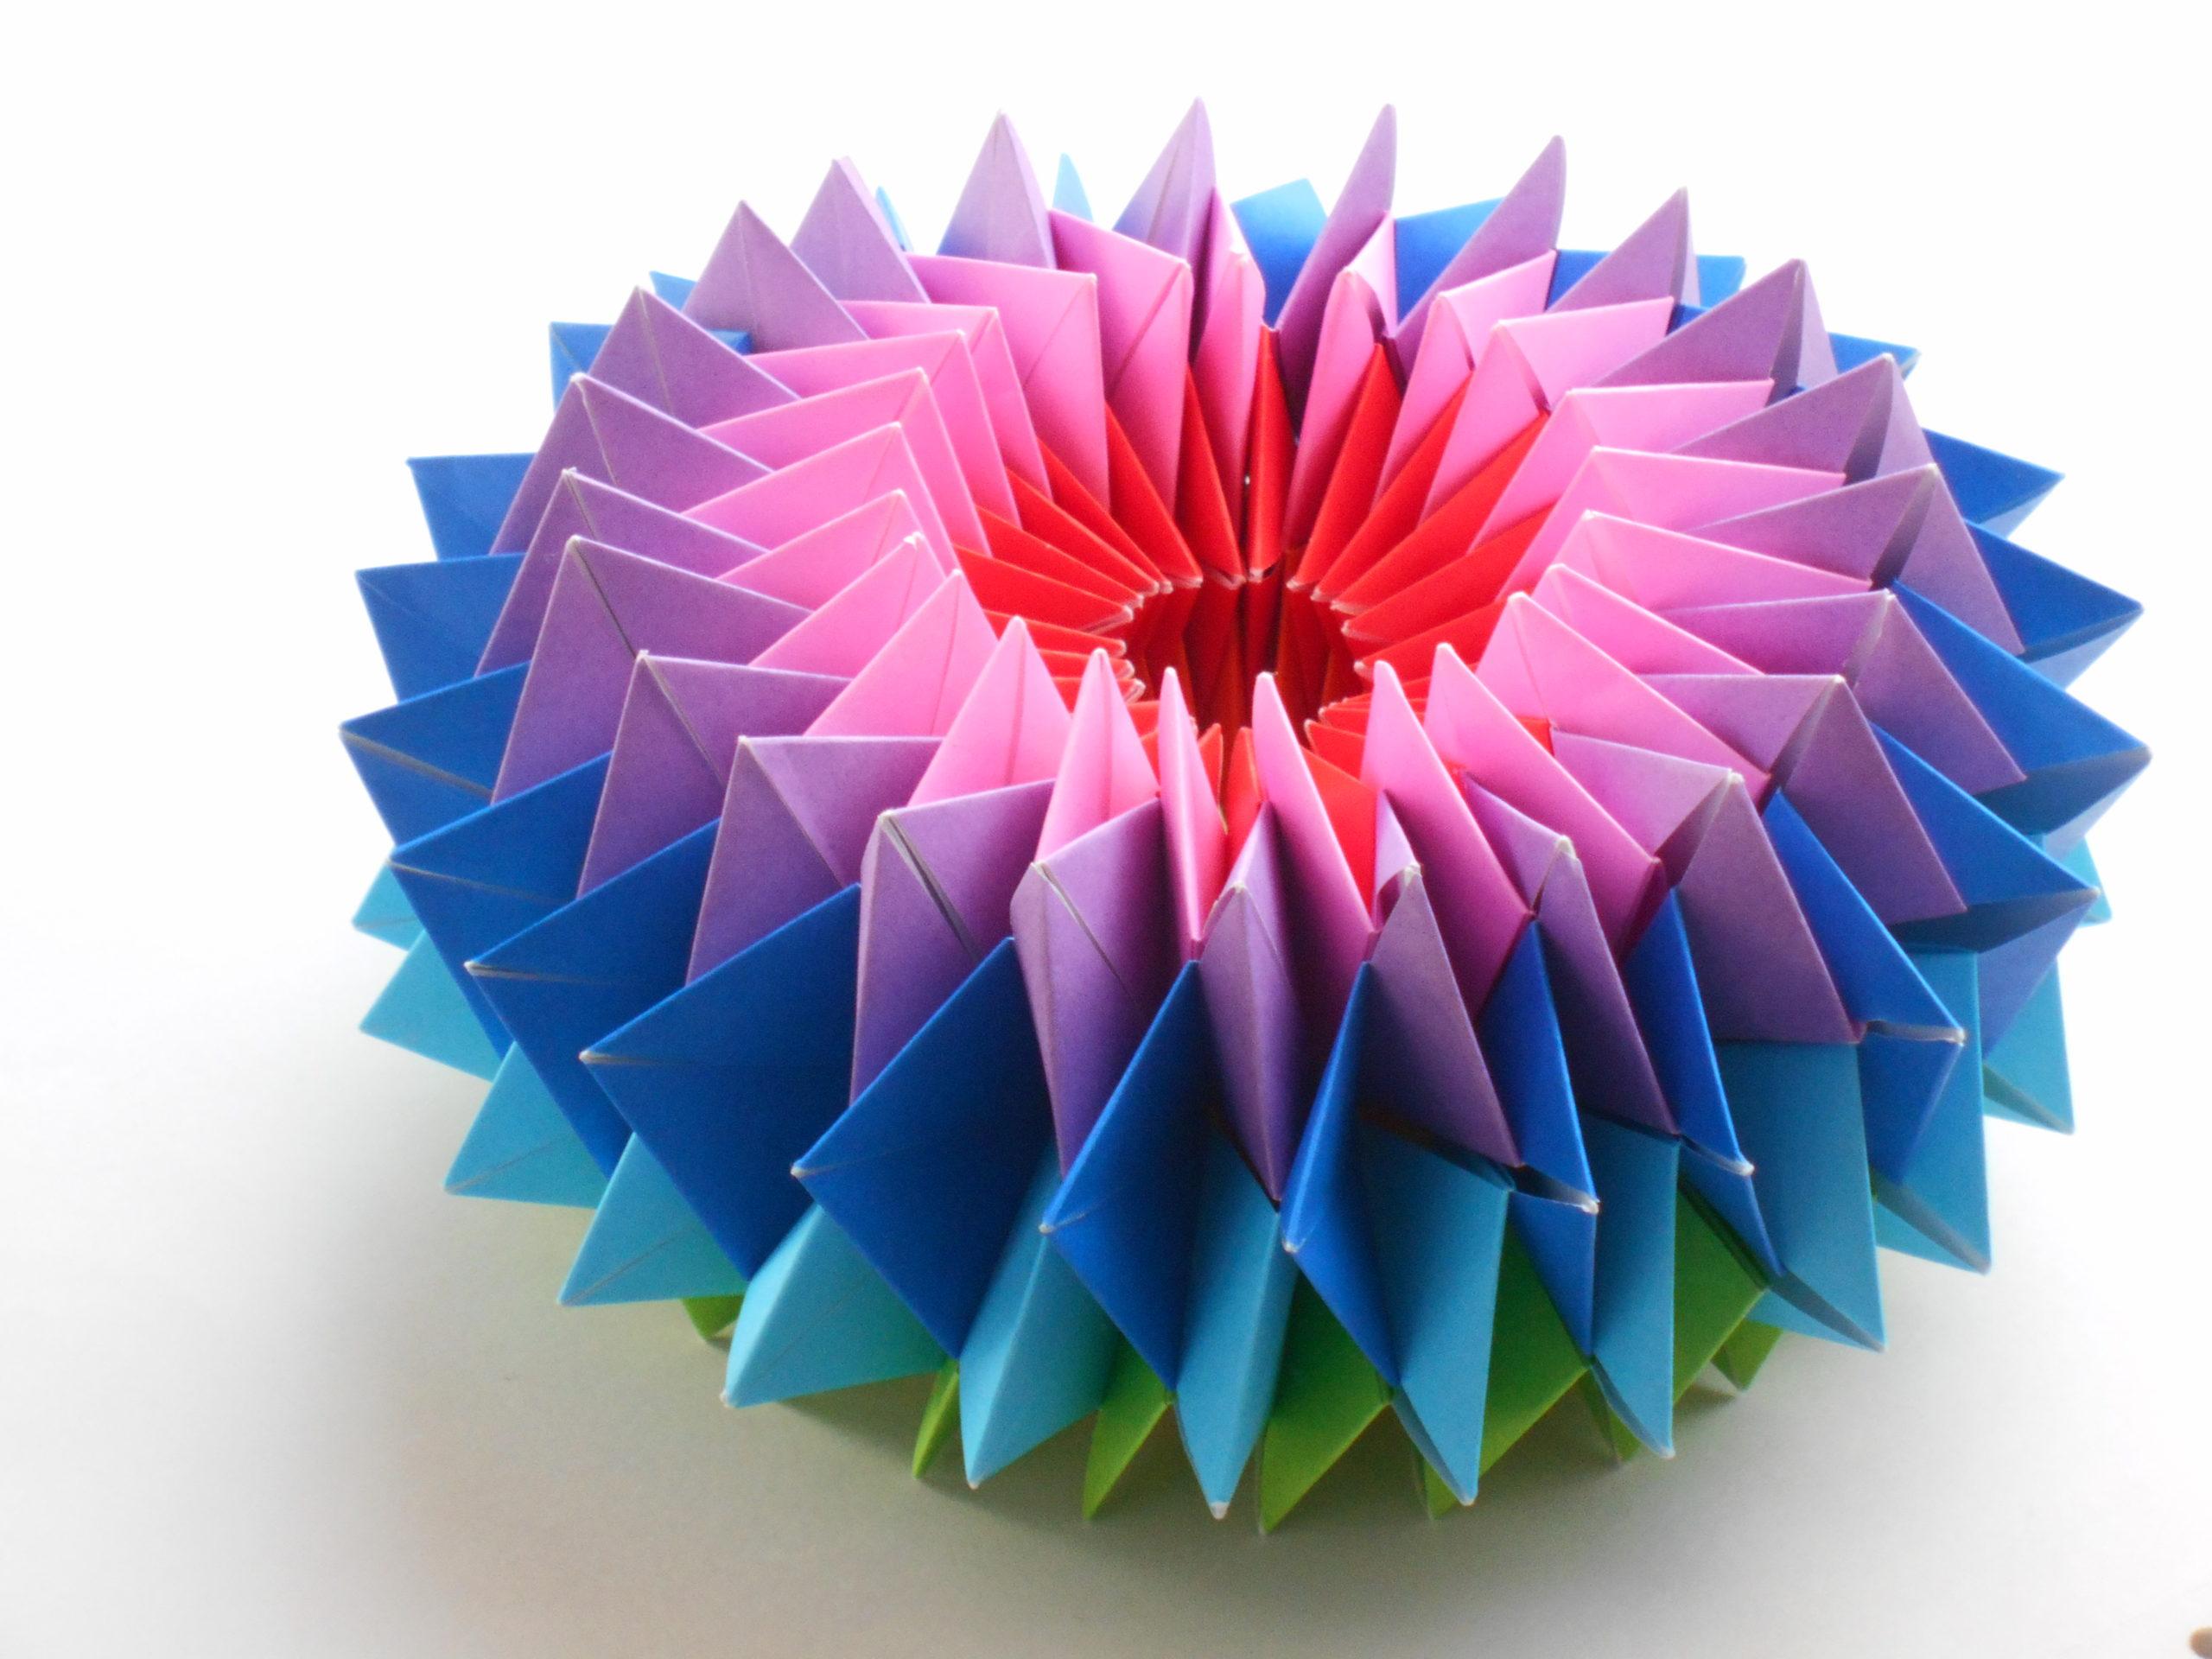 折り紙 万華鏡 折り 方 遊べる折り紙【簡単な万華鏡】折り方...